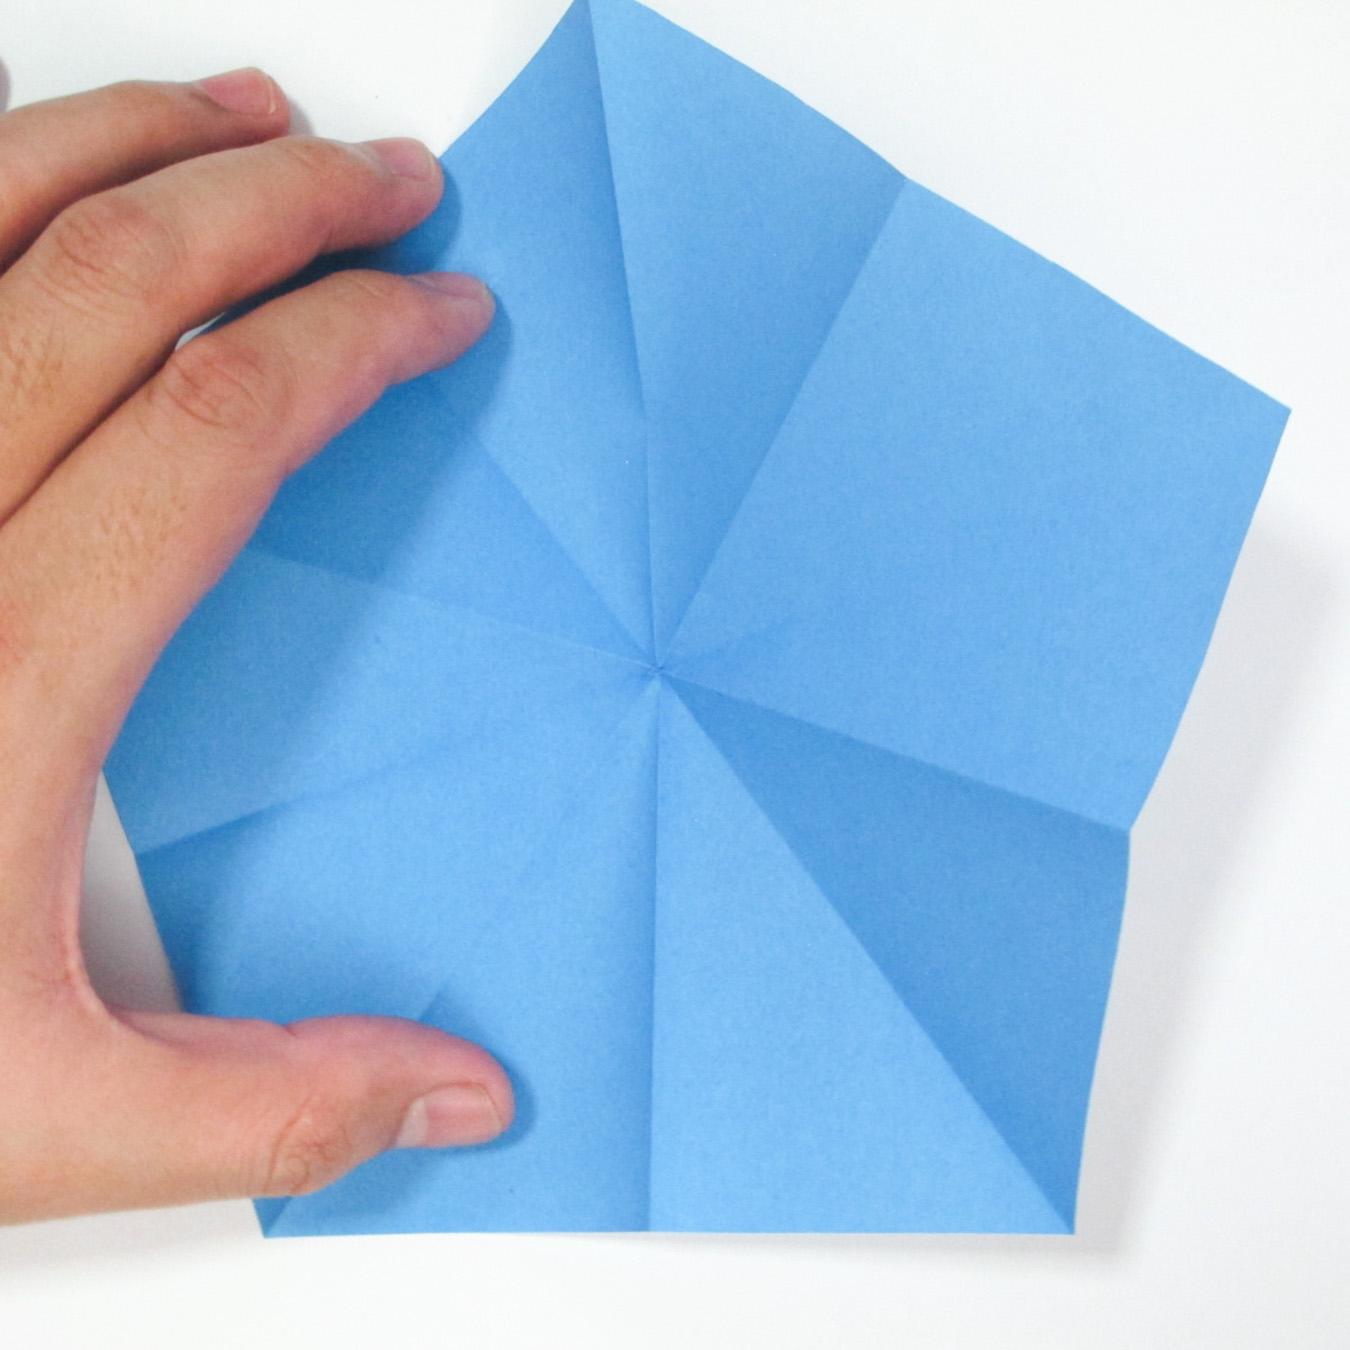 วิธีการตัดกระดาษเป็นห้าเหลี่ยมจากกระดาษสี่เหลี่ยมจตุรัส 001